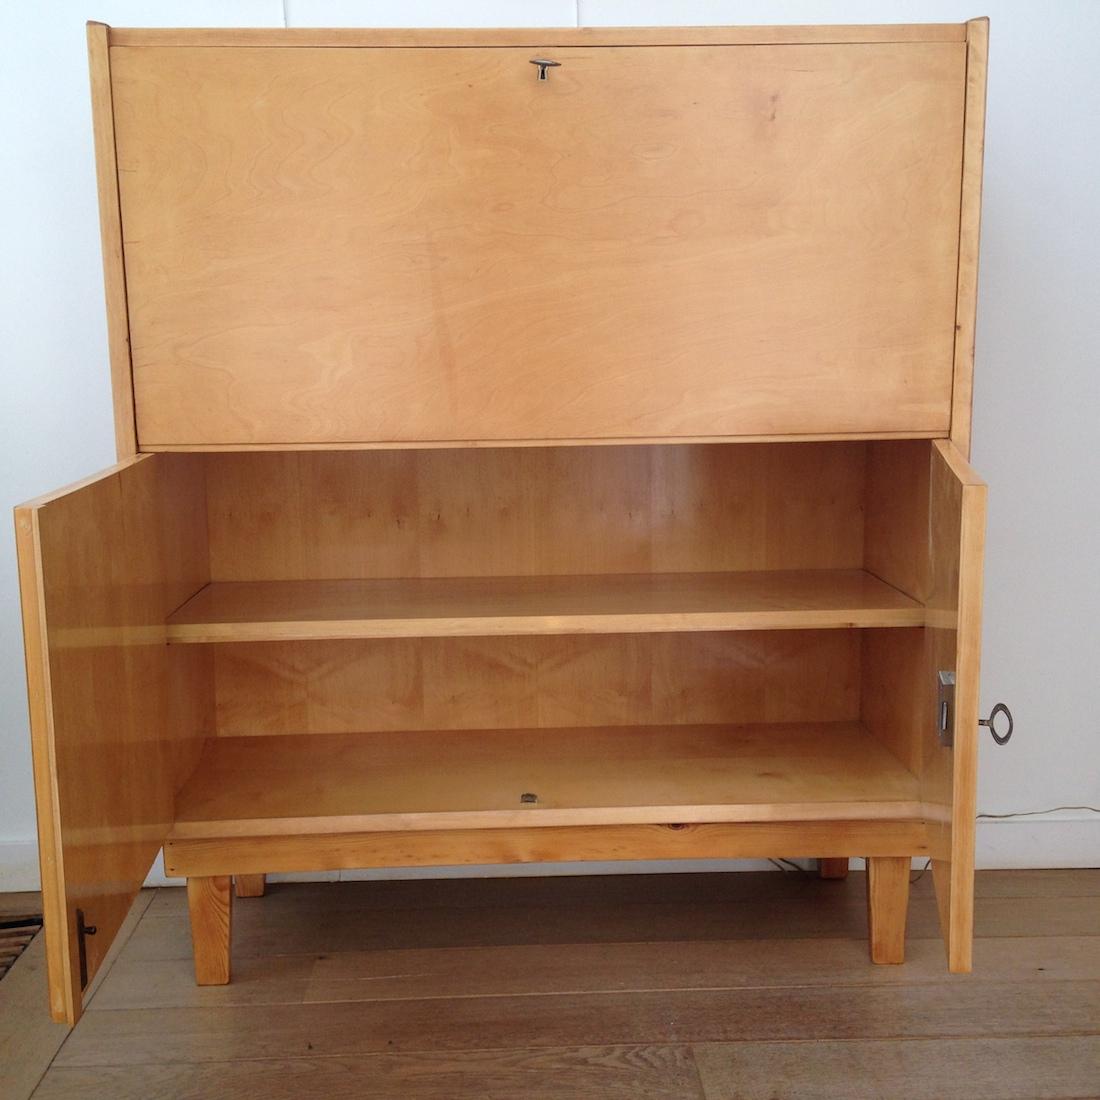 secr taire en bois clair la maison bruxelloise. Black Bedroom Furniture Sets. Home Design Ideas